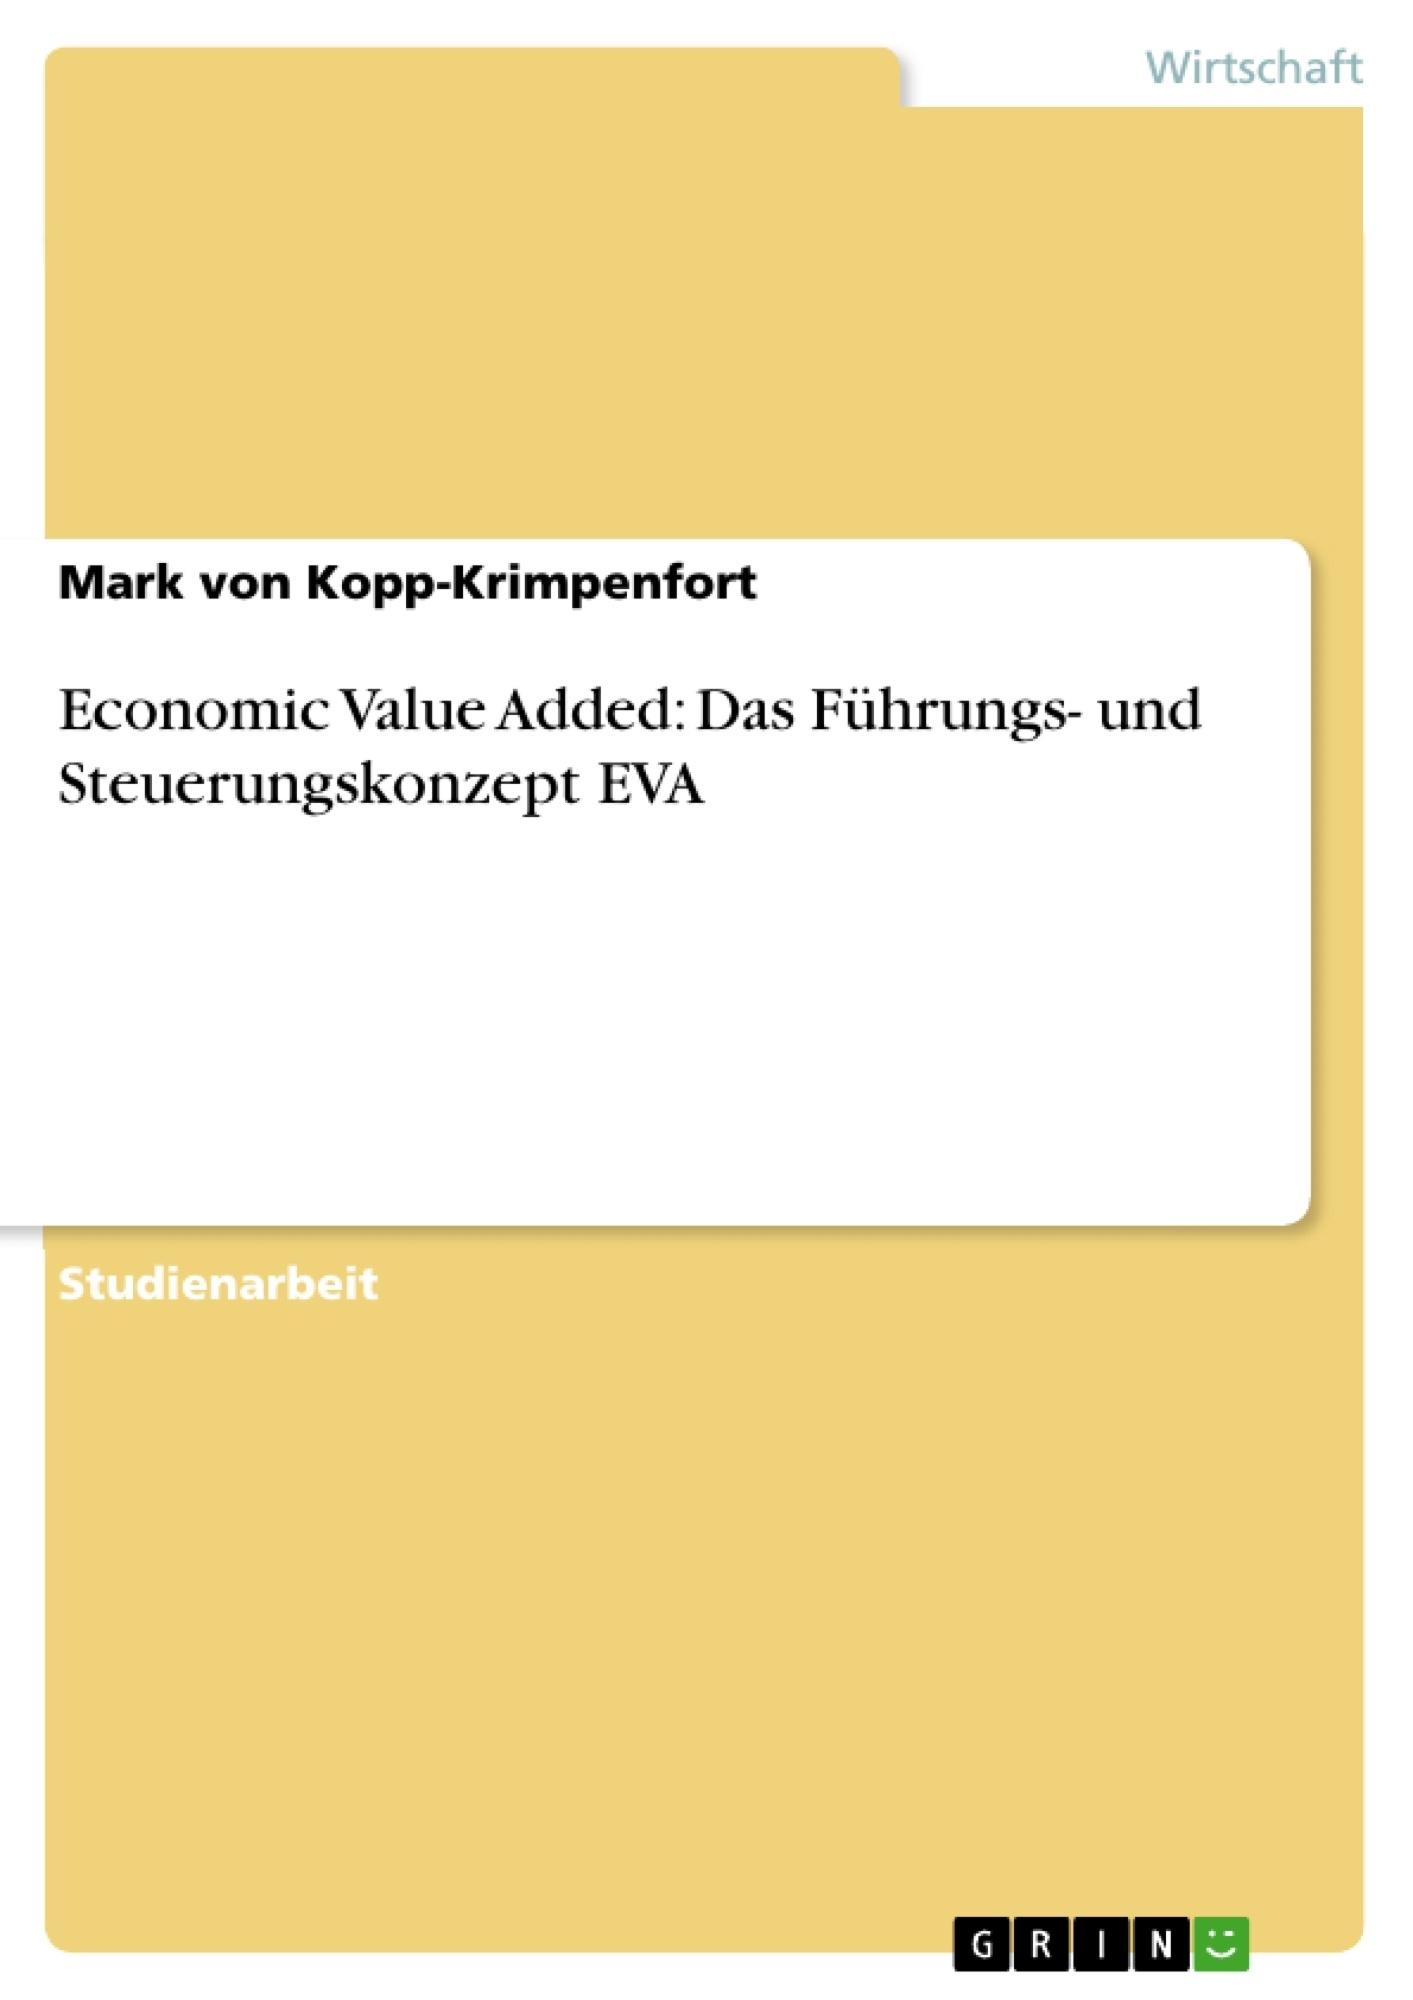 Titel: Economic Value Added: Das Führungs- und Steuerungskonzept EVA